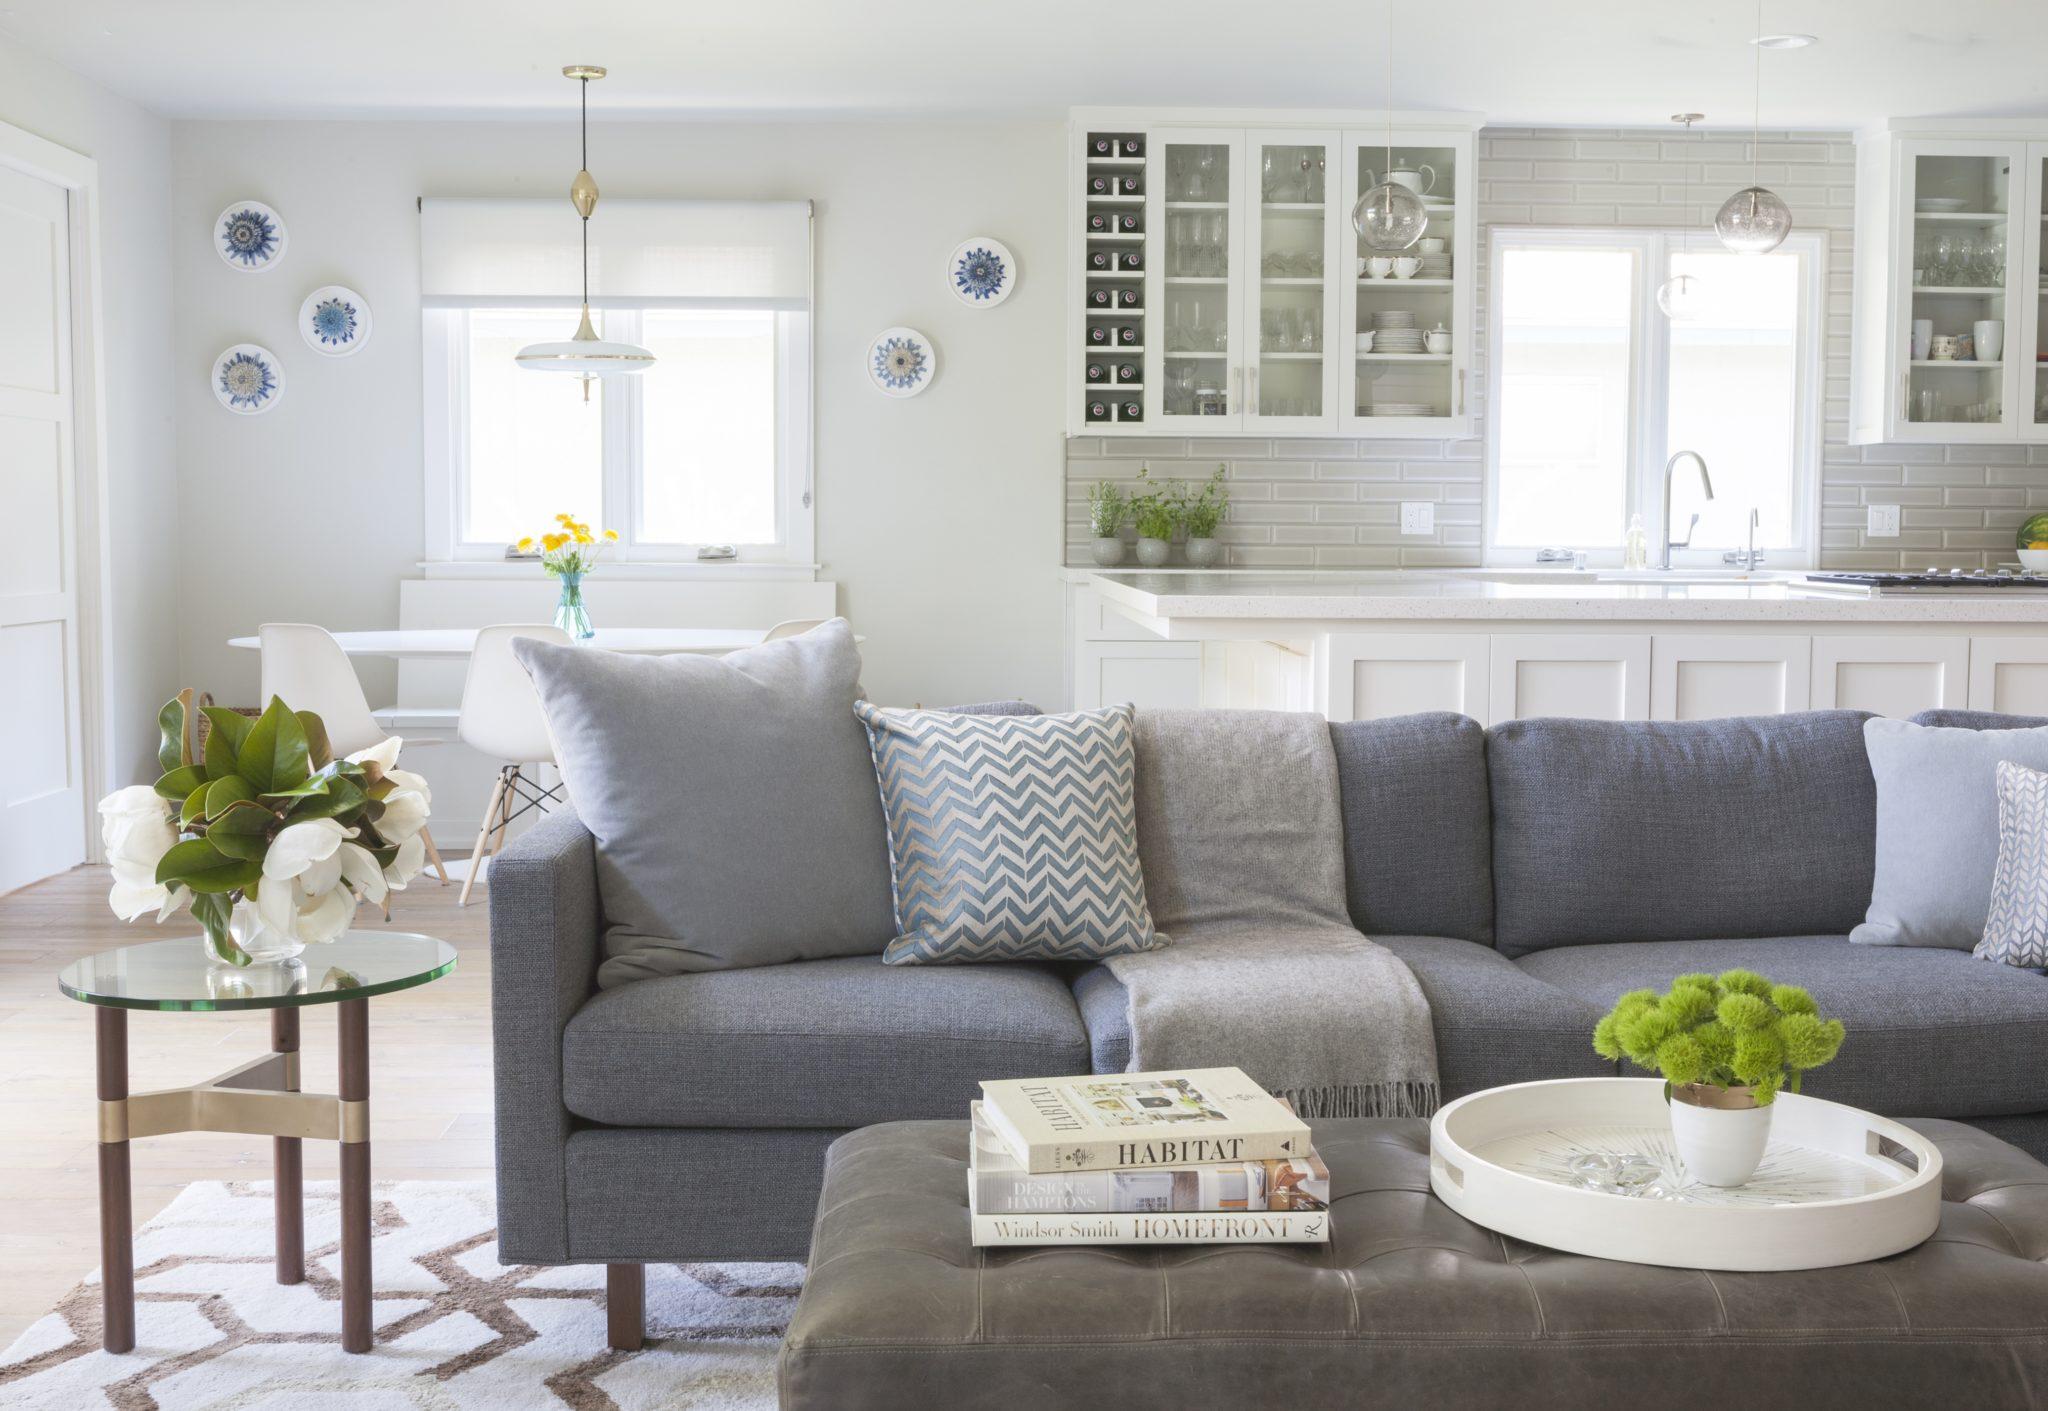 Interior design by Blythe Home